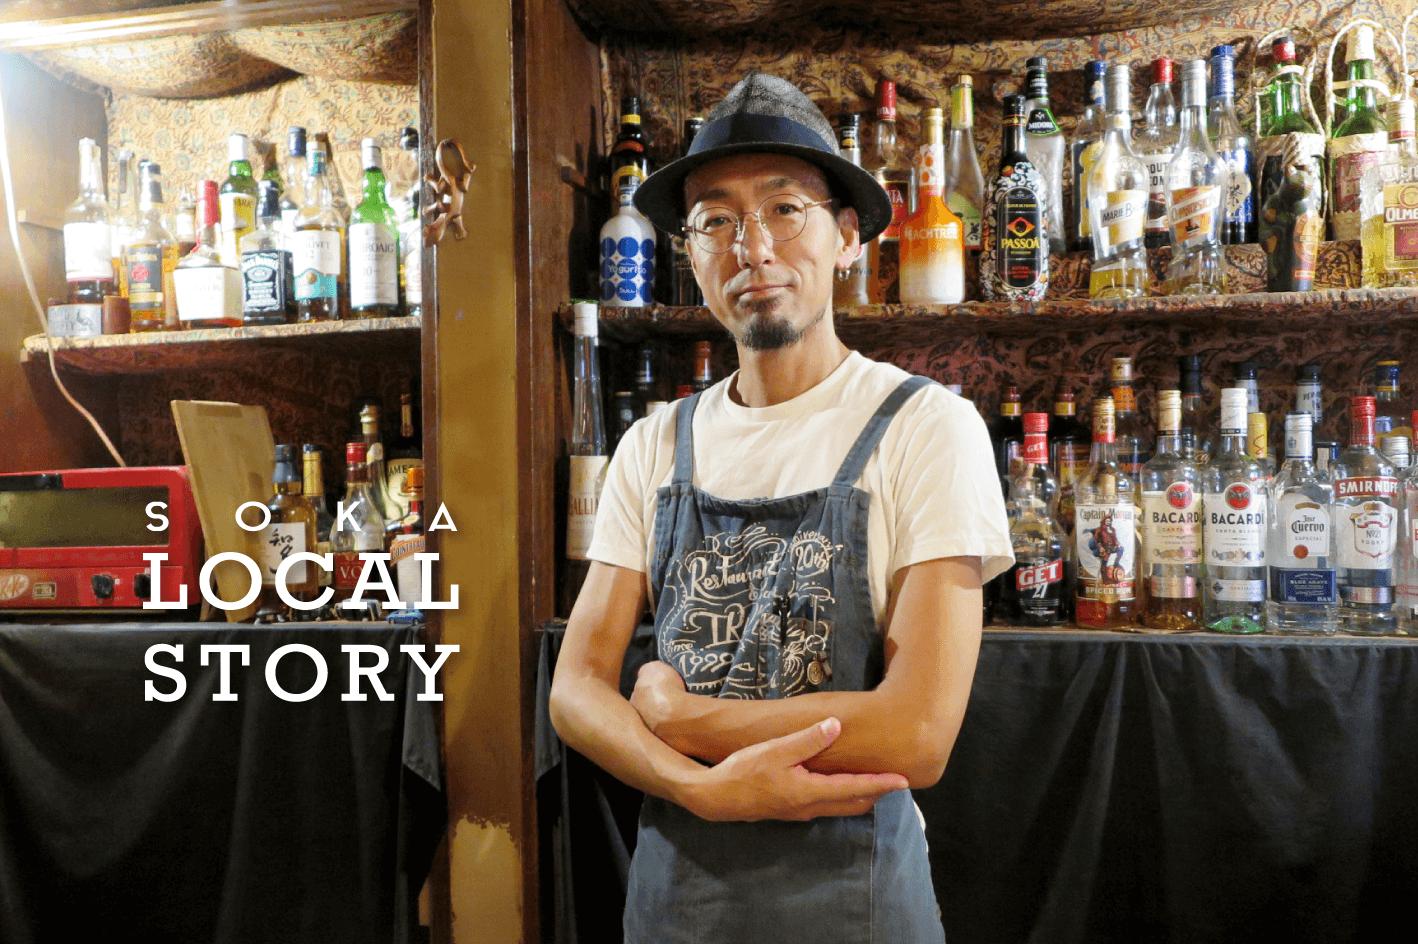 ローカルWEBメディア・地域サイト 草加ローカルストーリー 関野 博規さん TRIP トリップ トップ写真